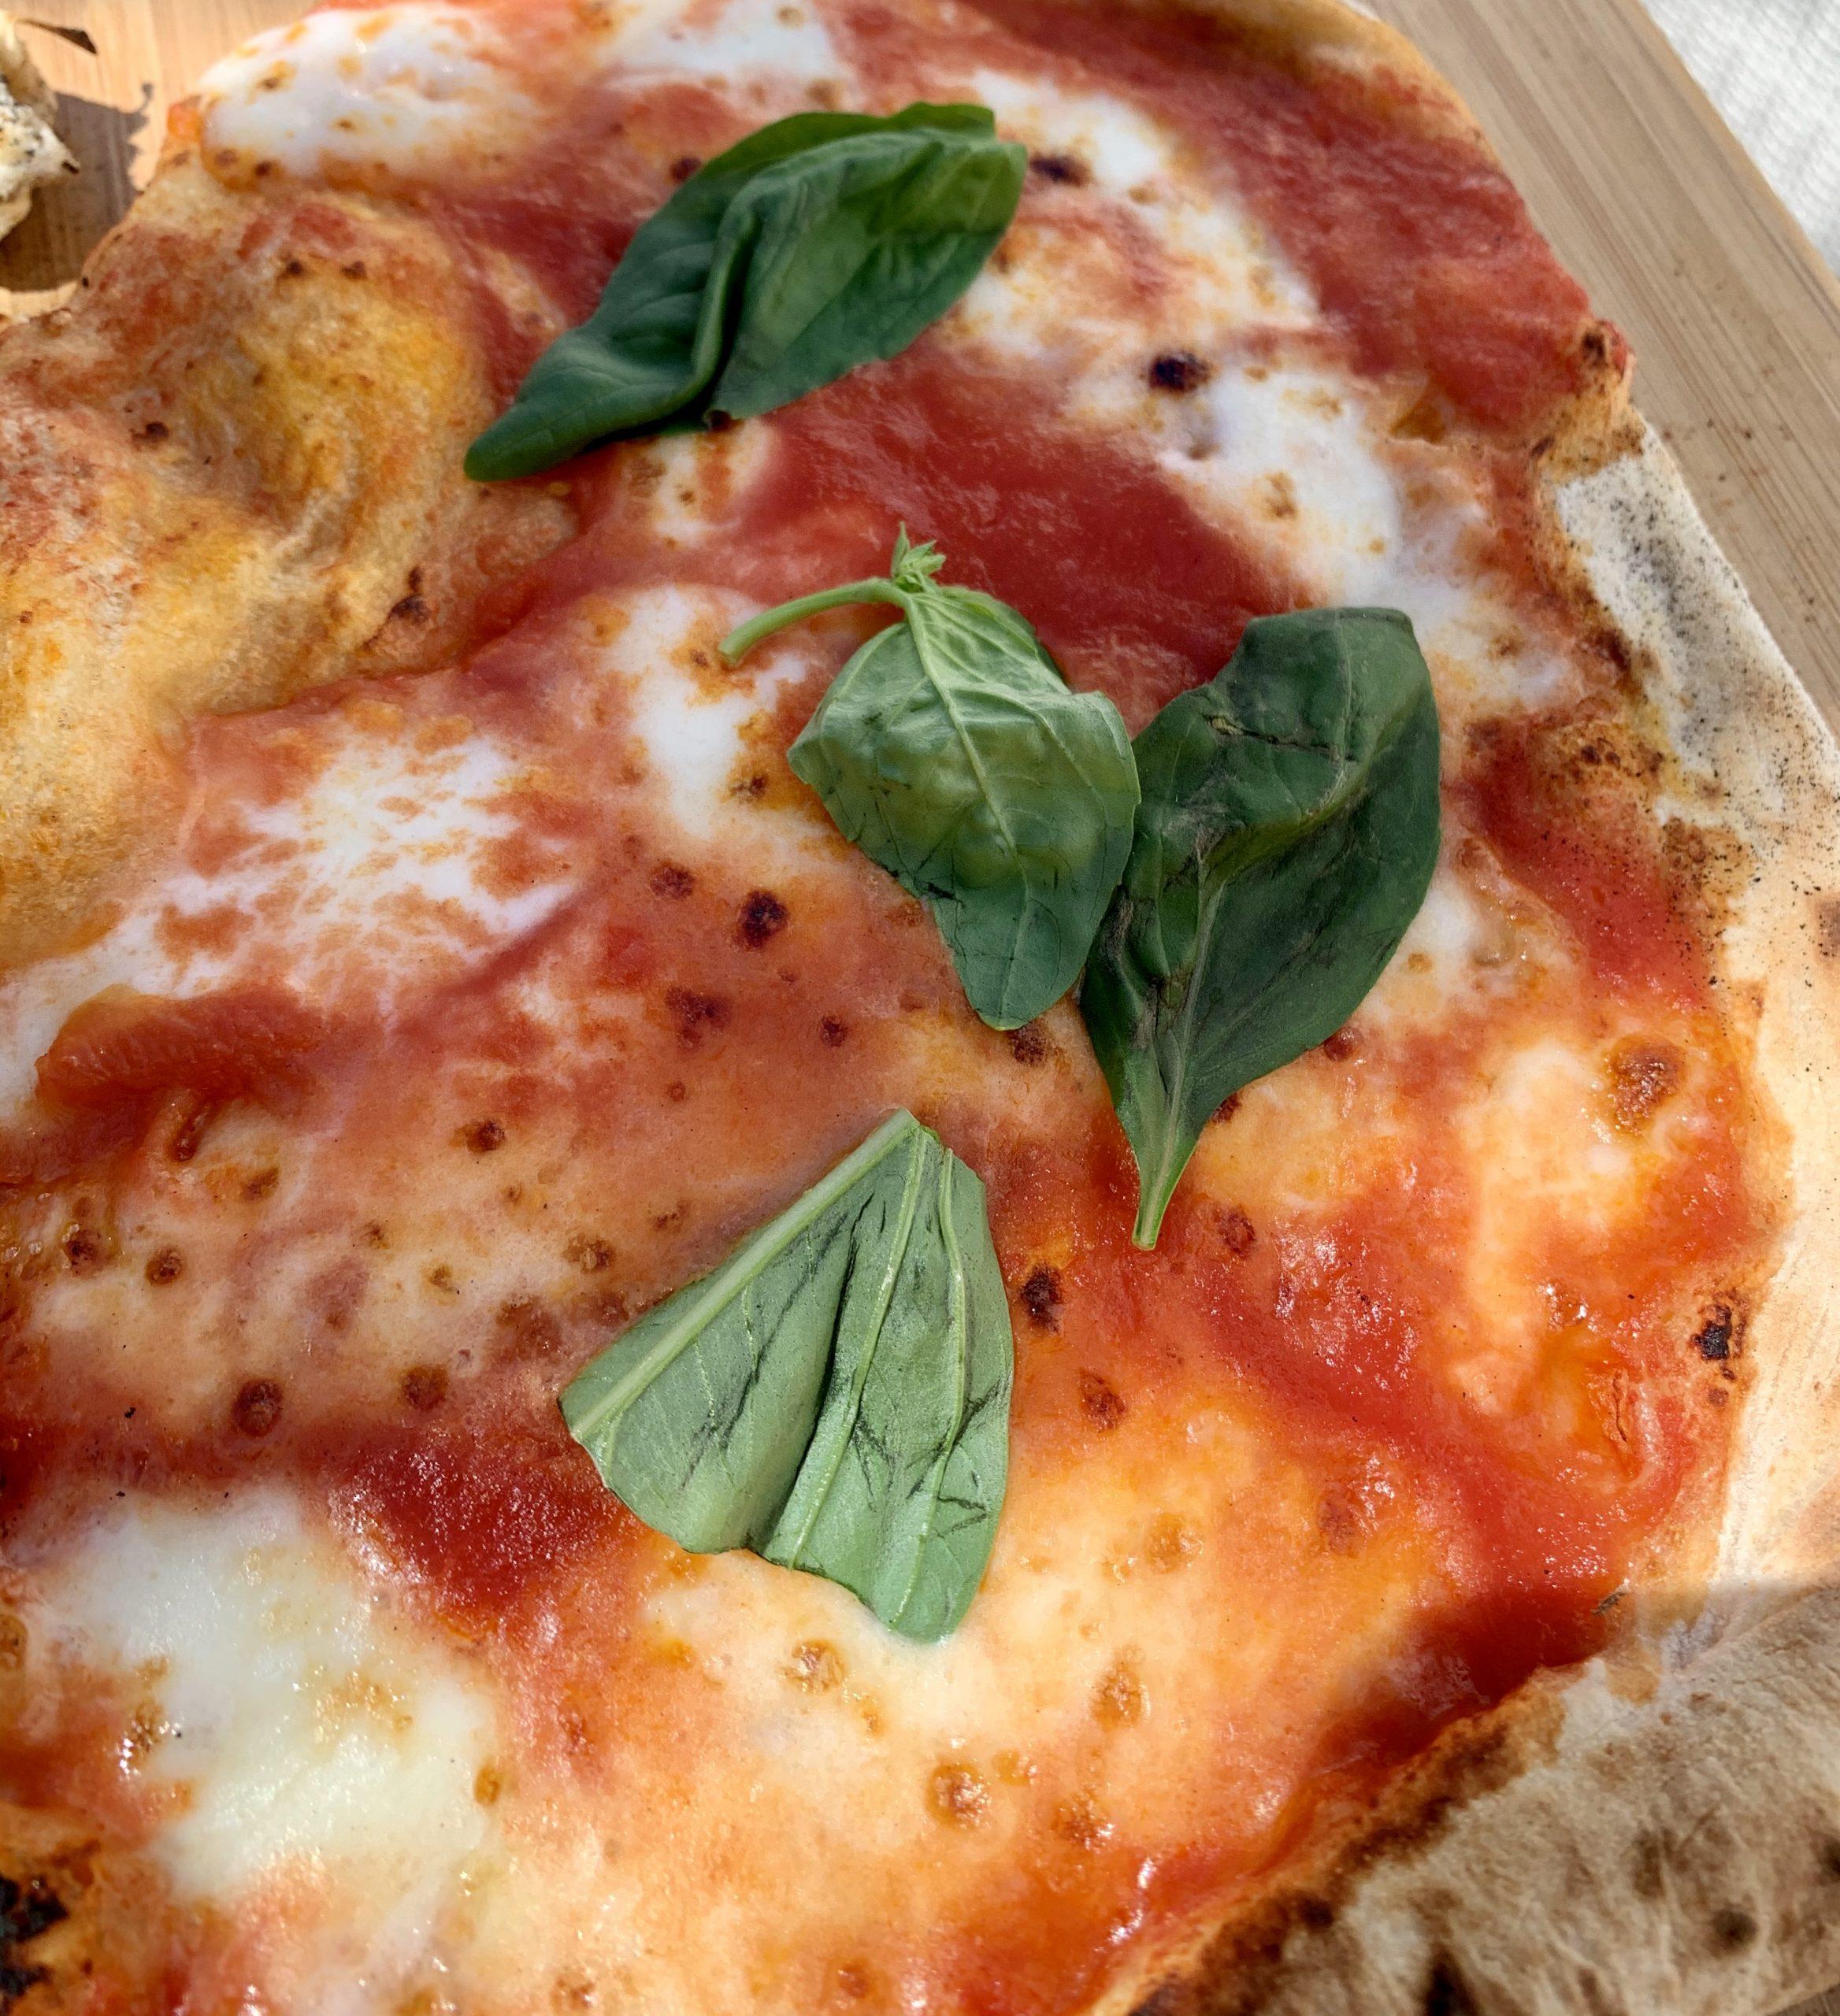 Pizza fatta con Ooni Koda 16